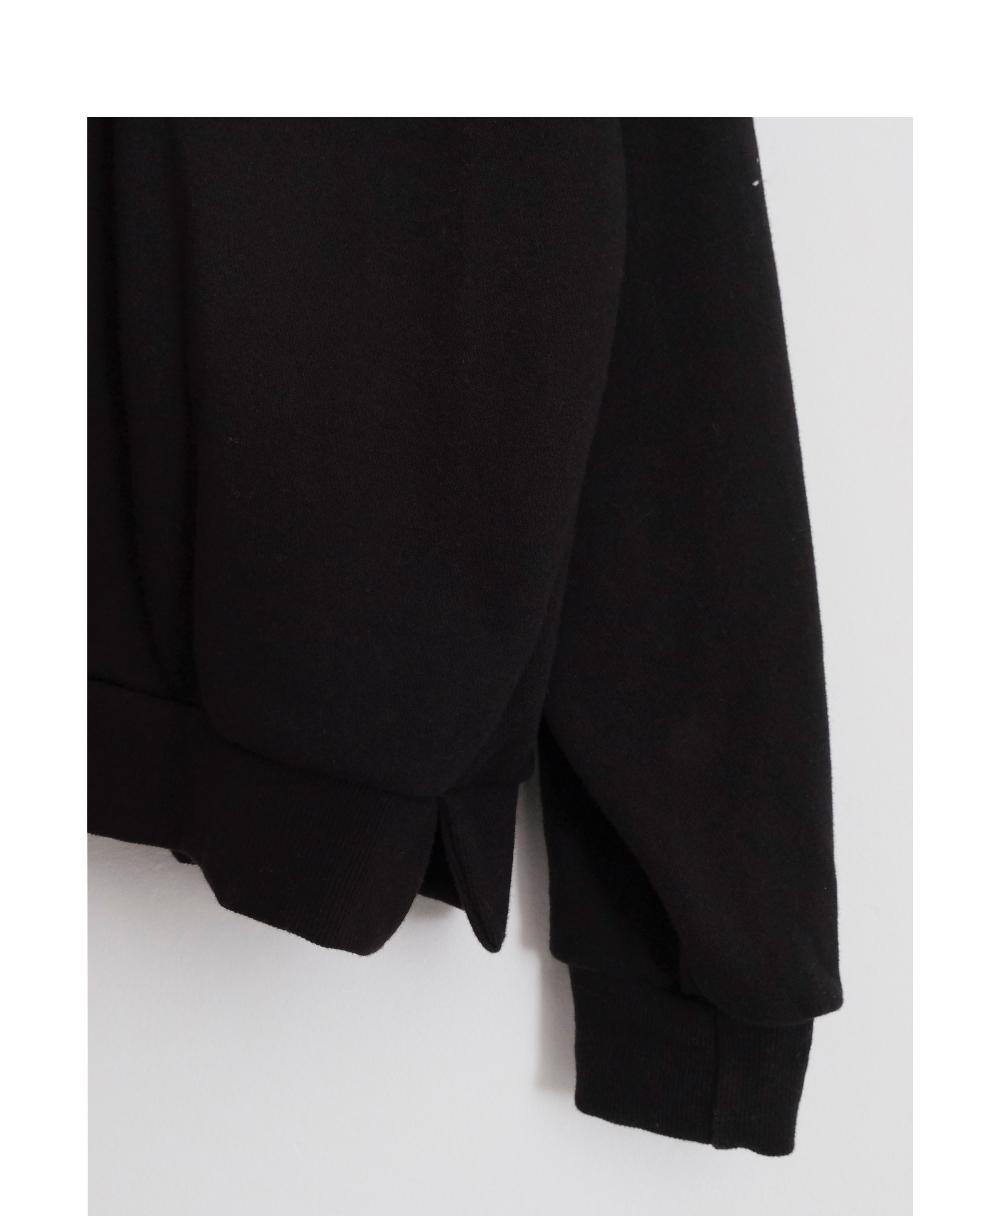 긴팔 티셔츠 상품상세 이미지-S1L44